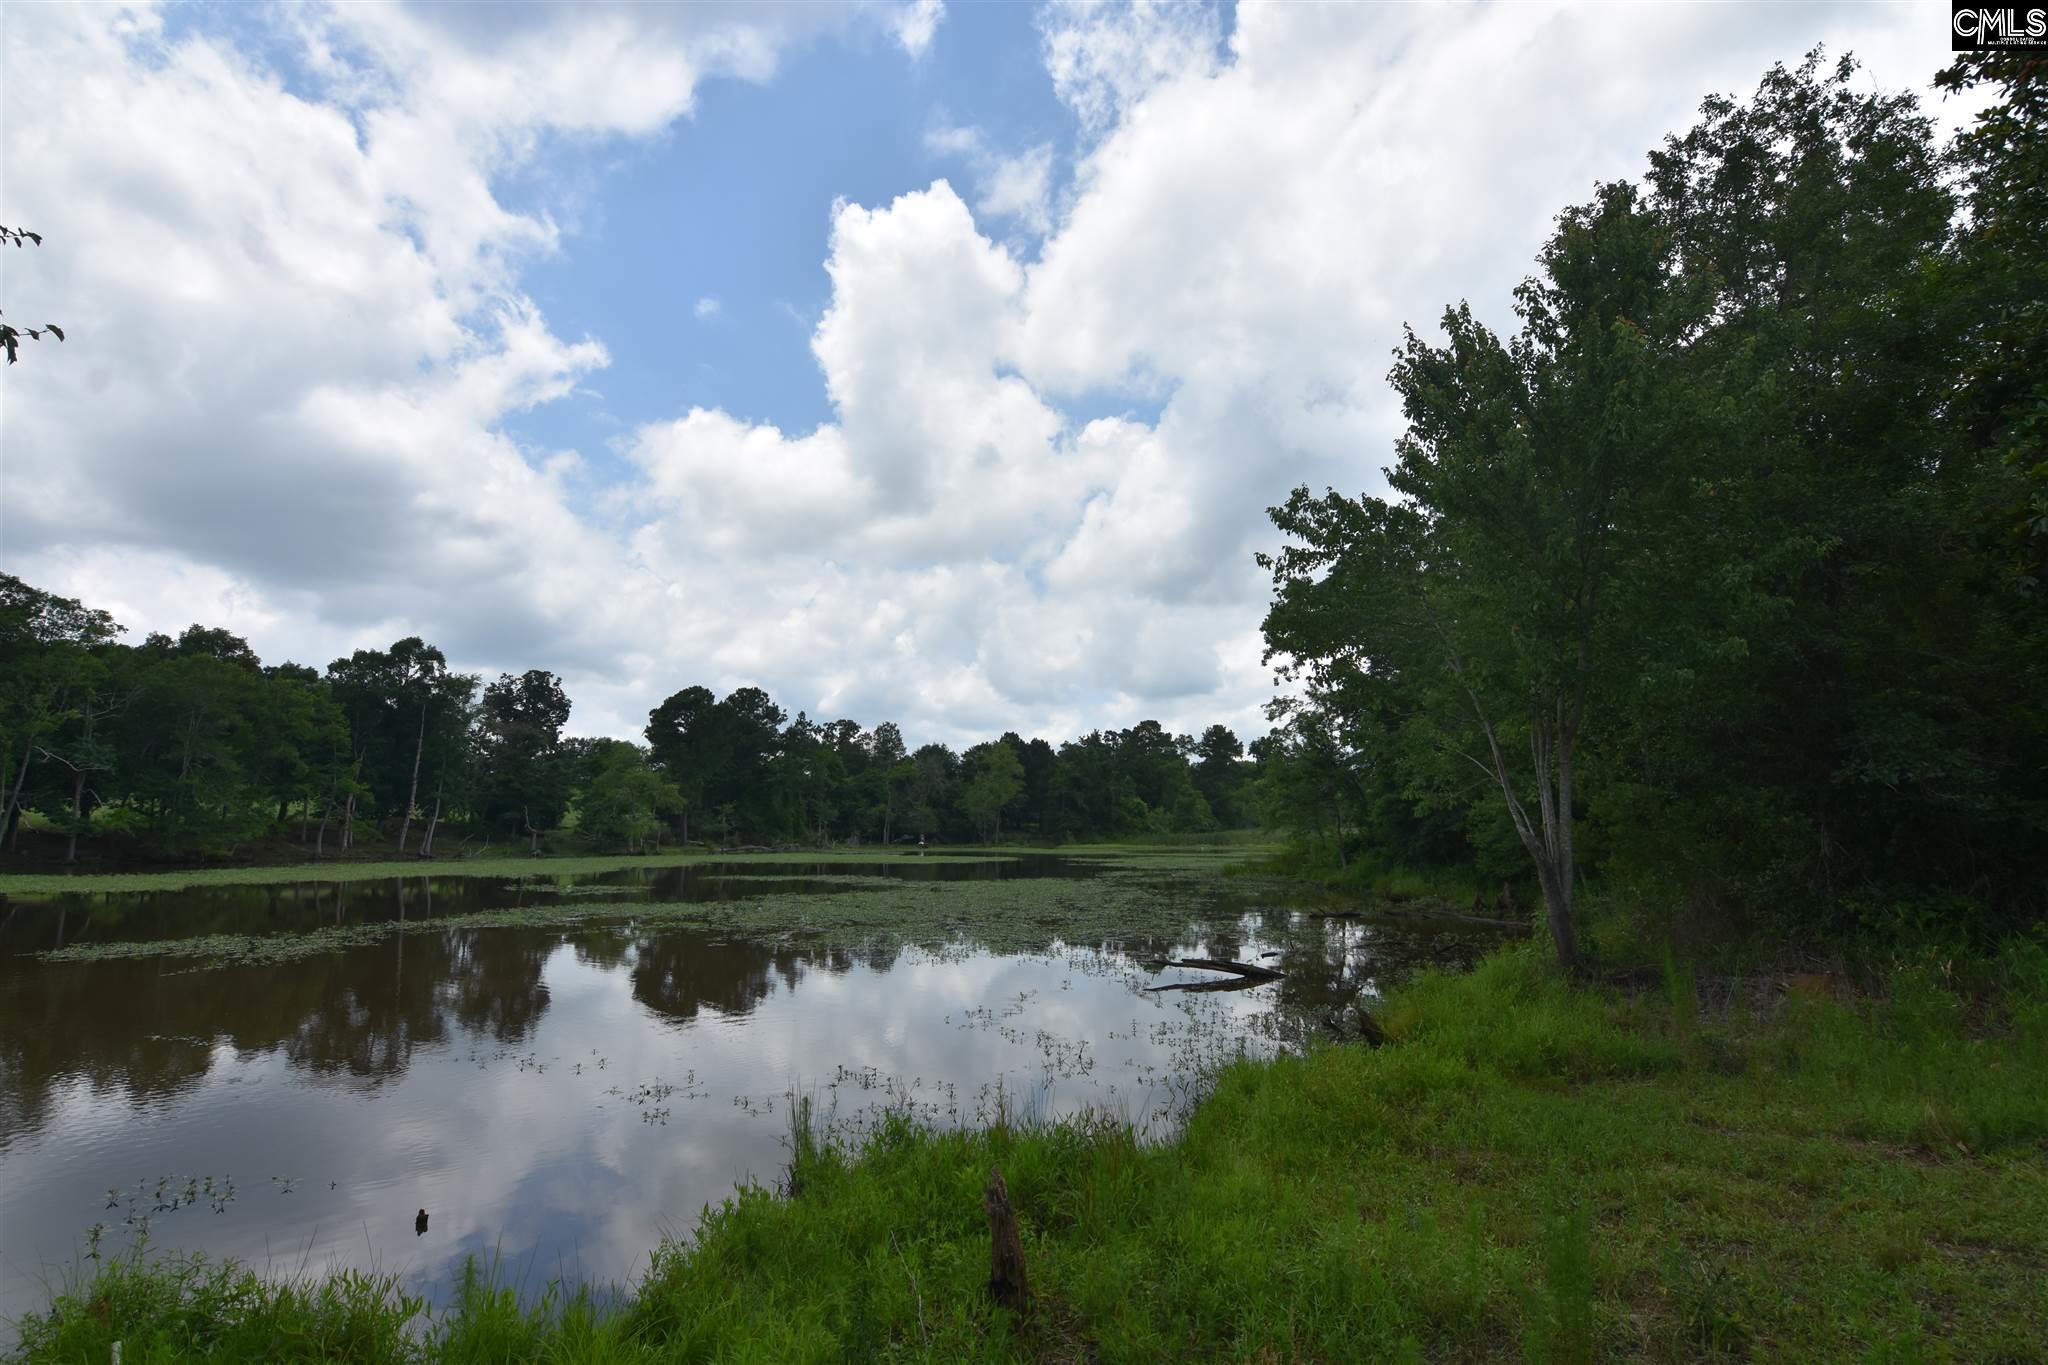 Lewis Waters Leesville, SC 29070